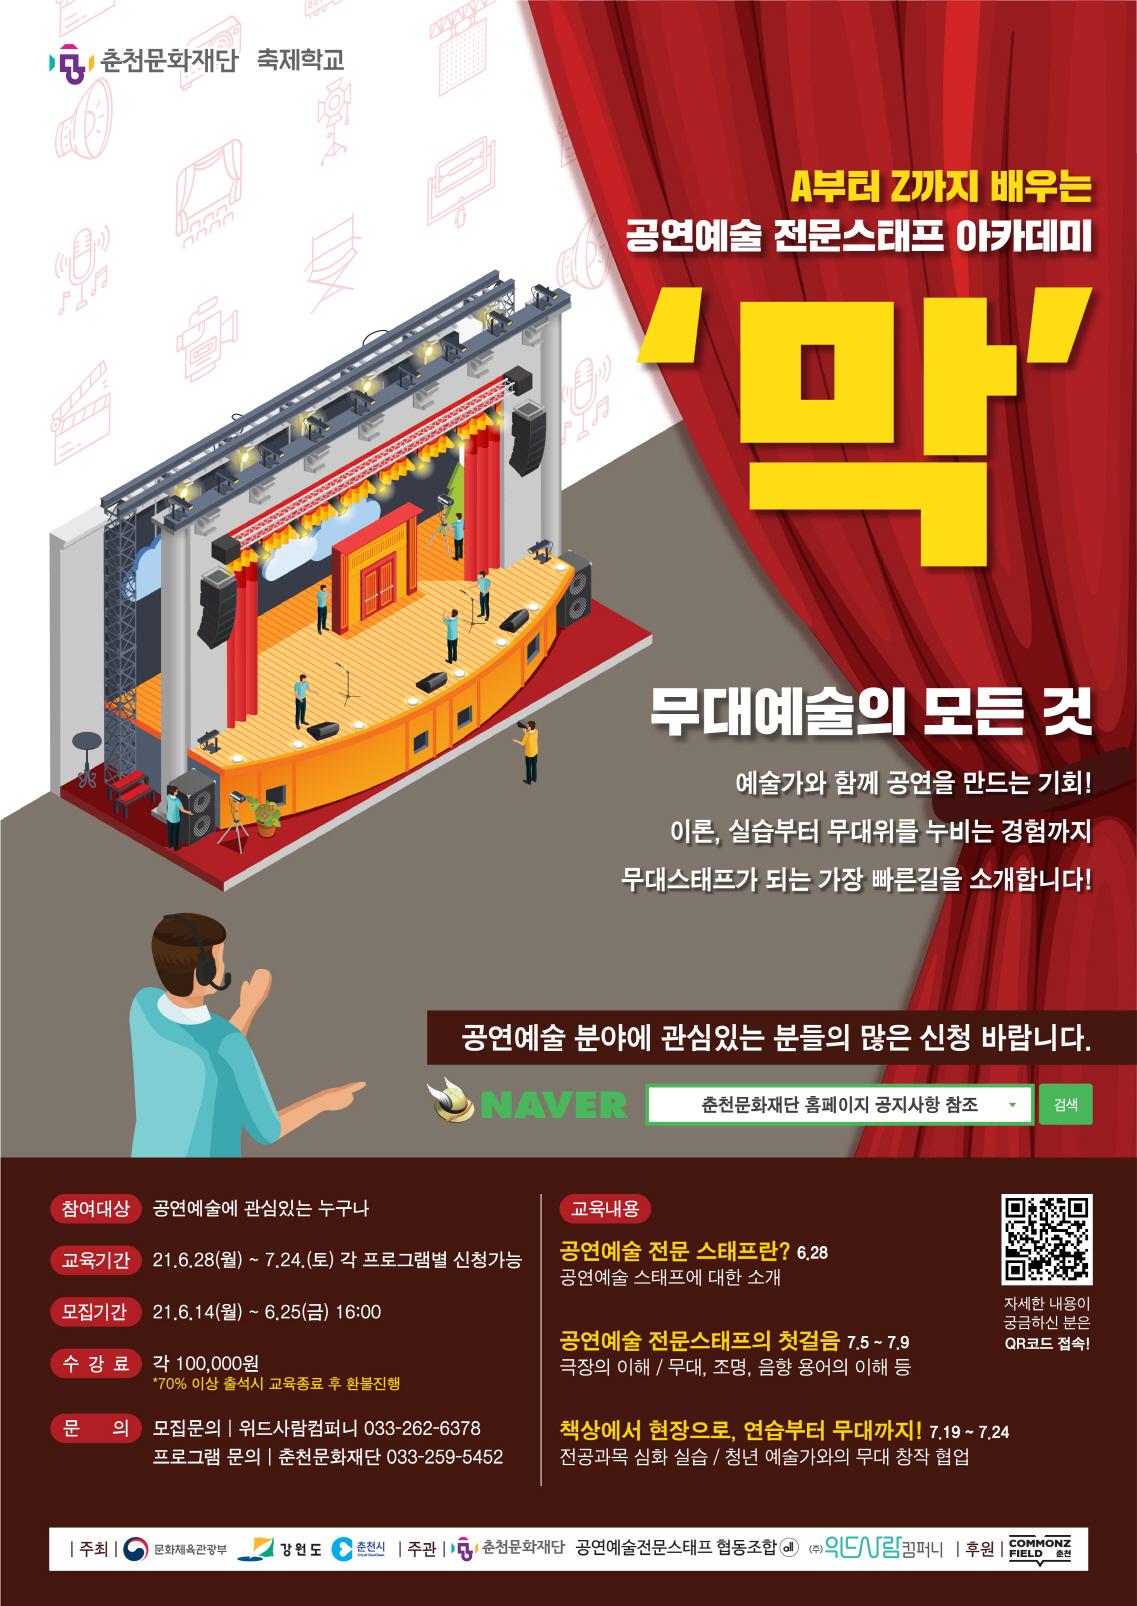 공연예술 전문스태프 아카데미 '막' 포스터